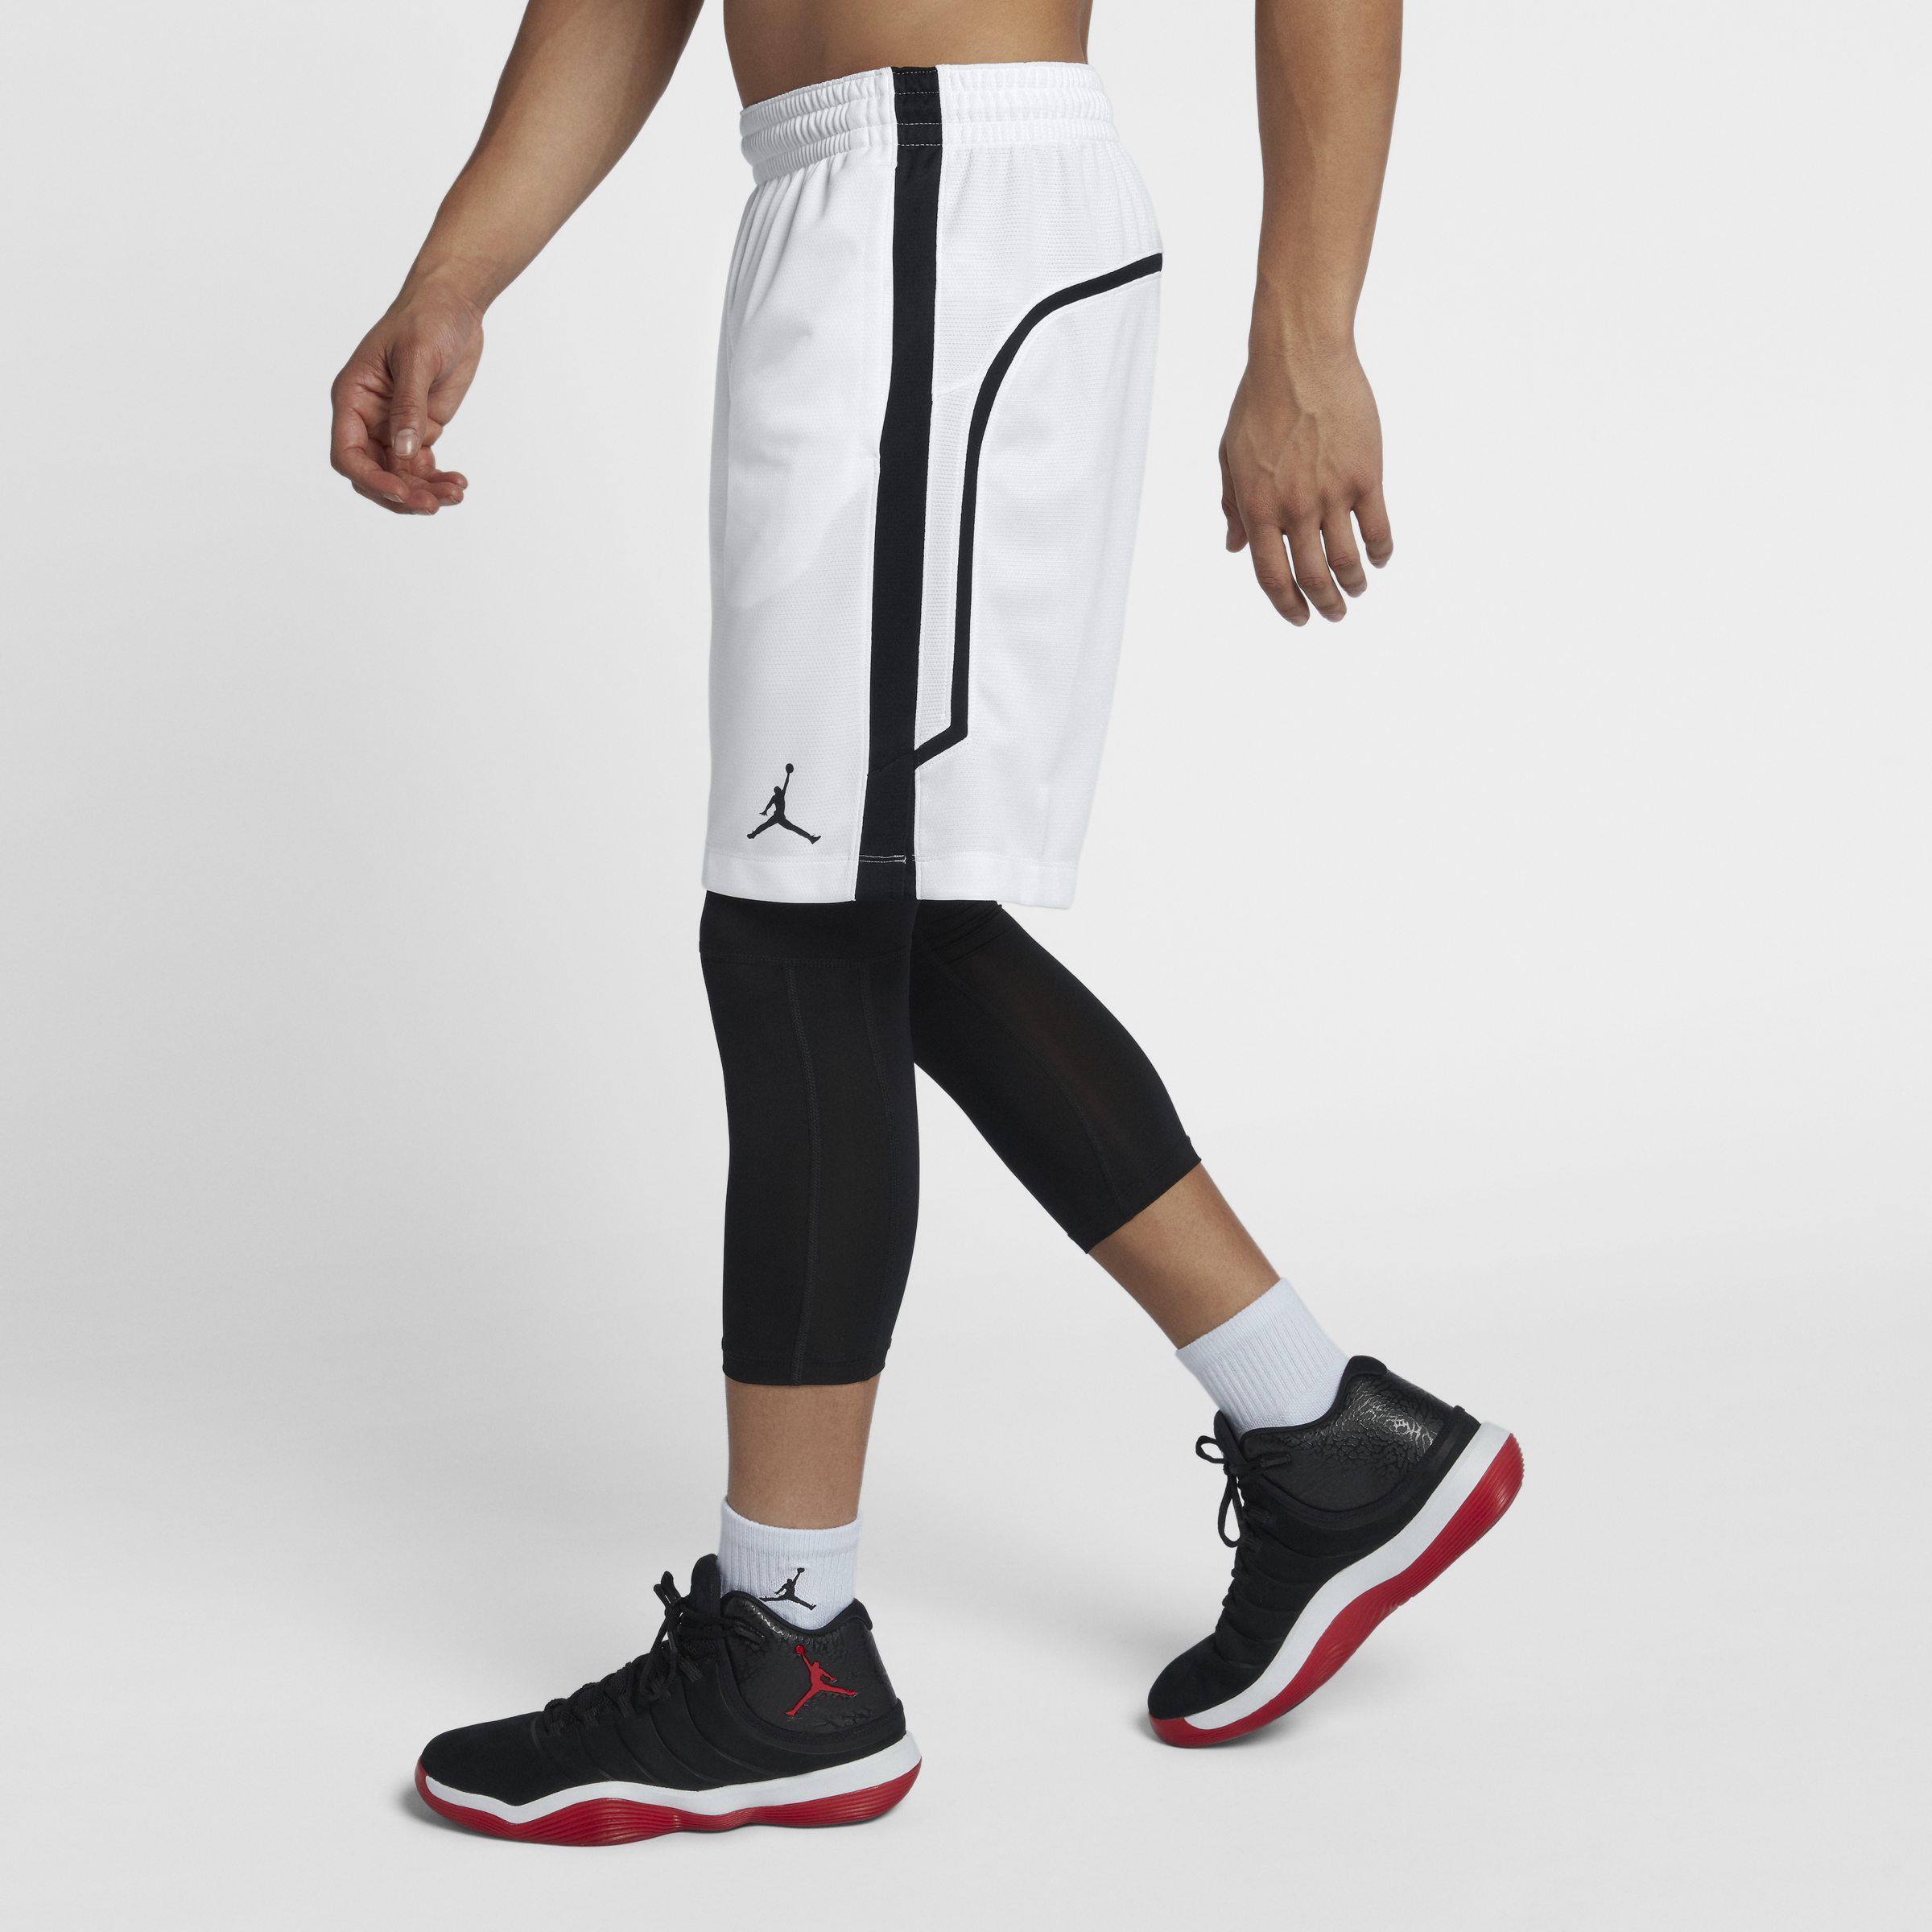 45ccebf94e2 Nike Jordan Flight Basketball Shorts in White for Men - Lyst